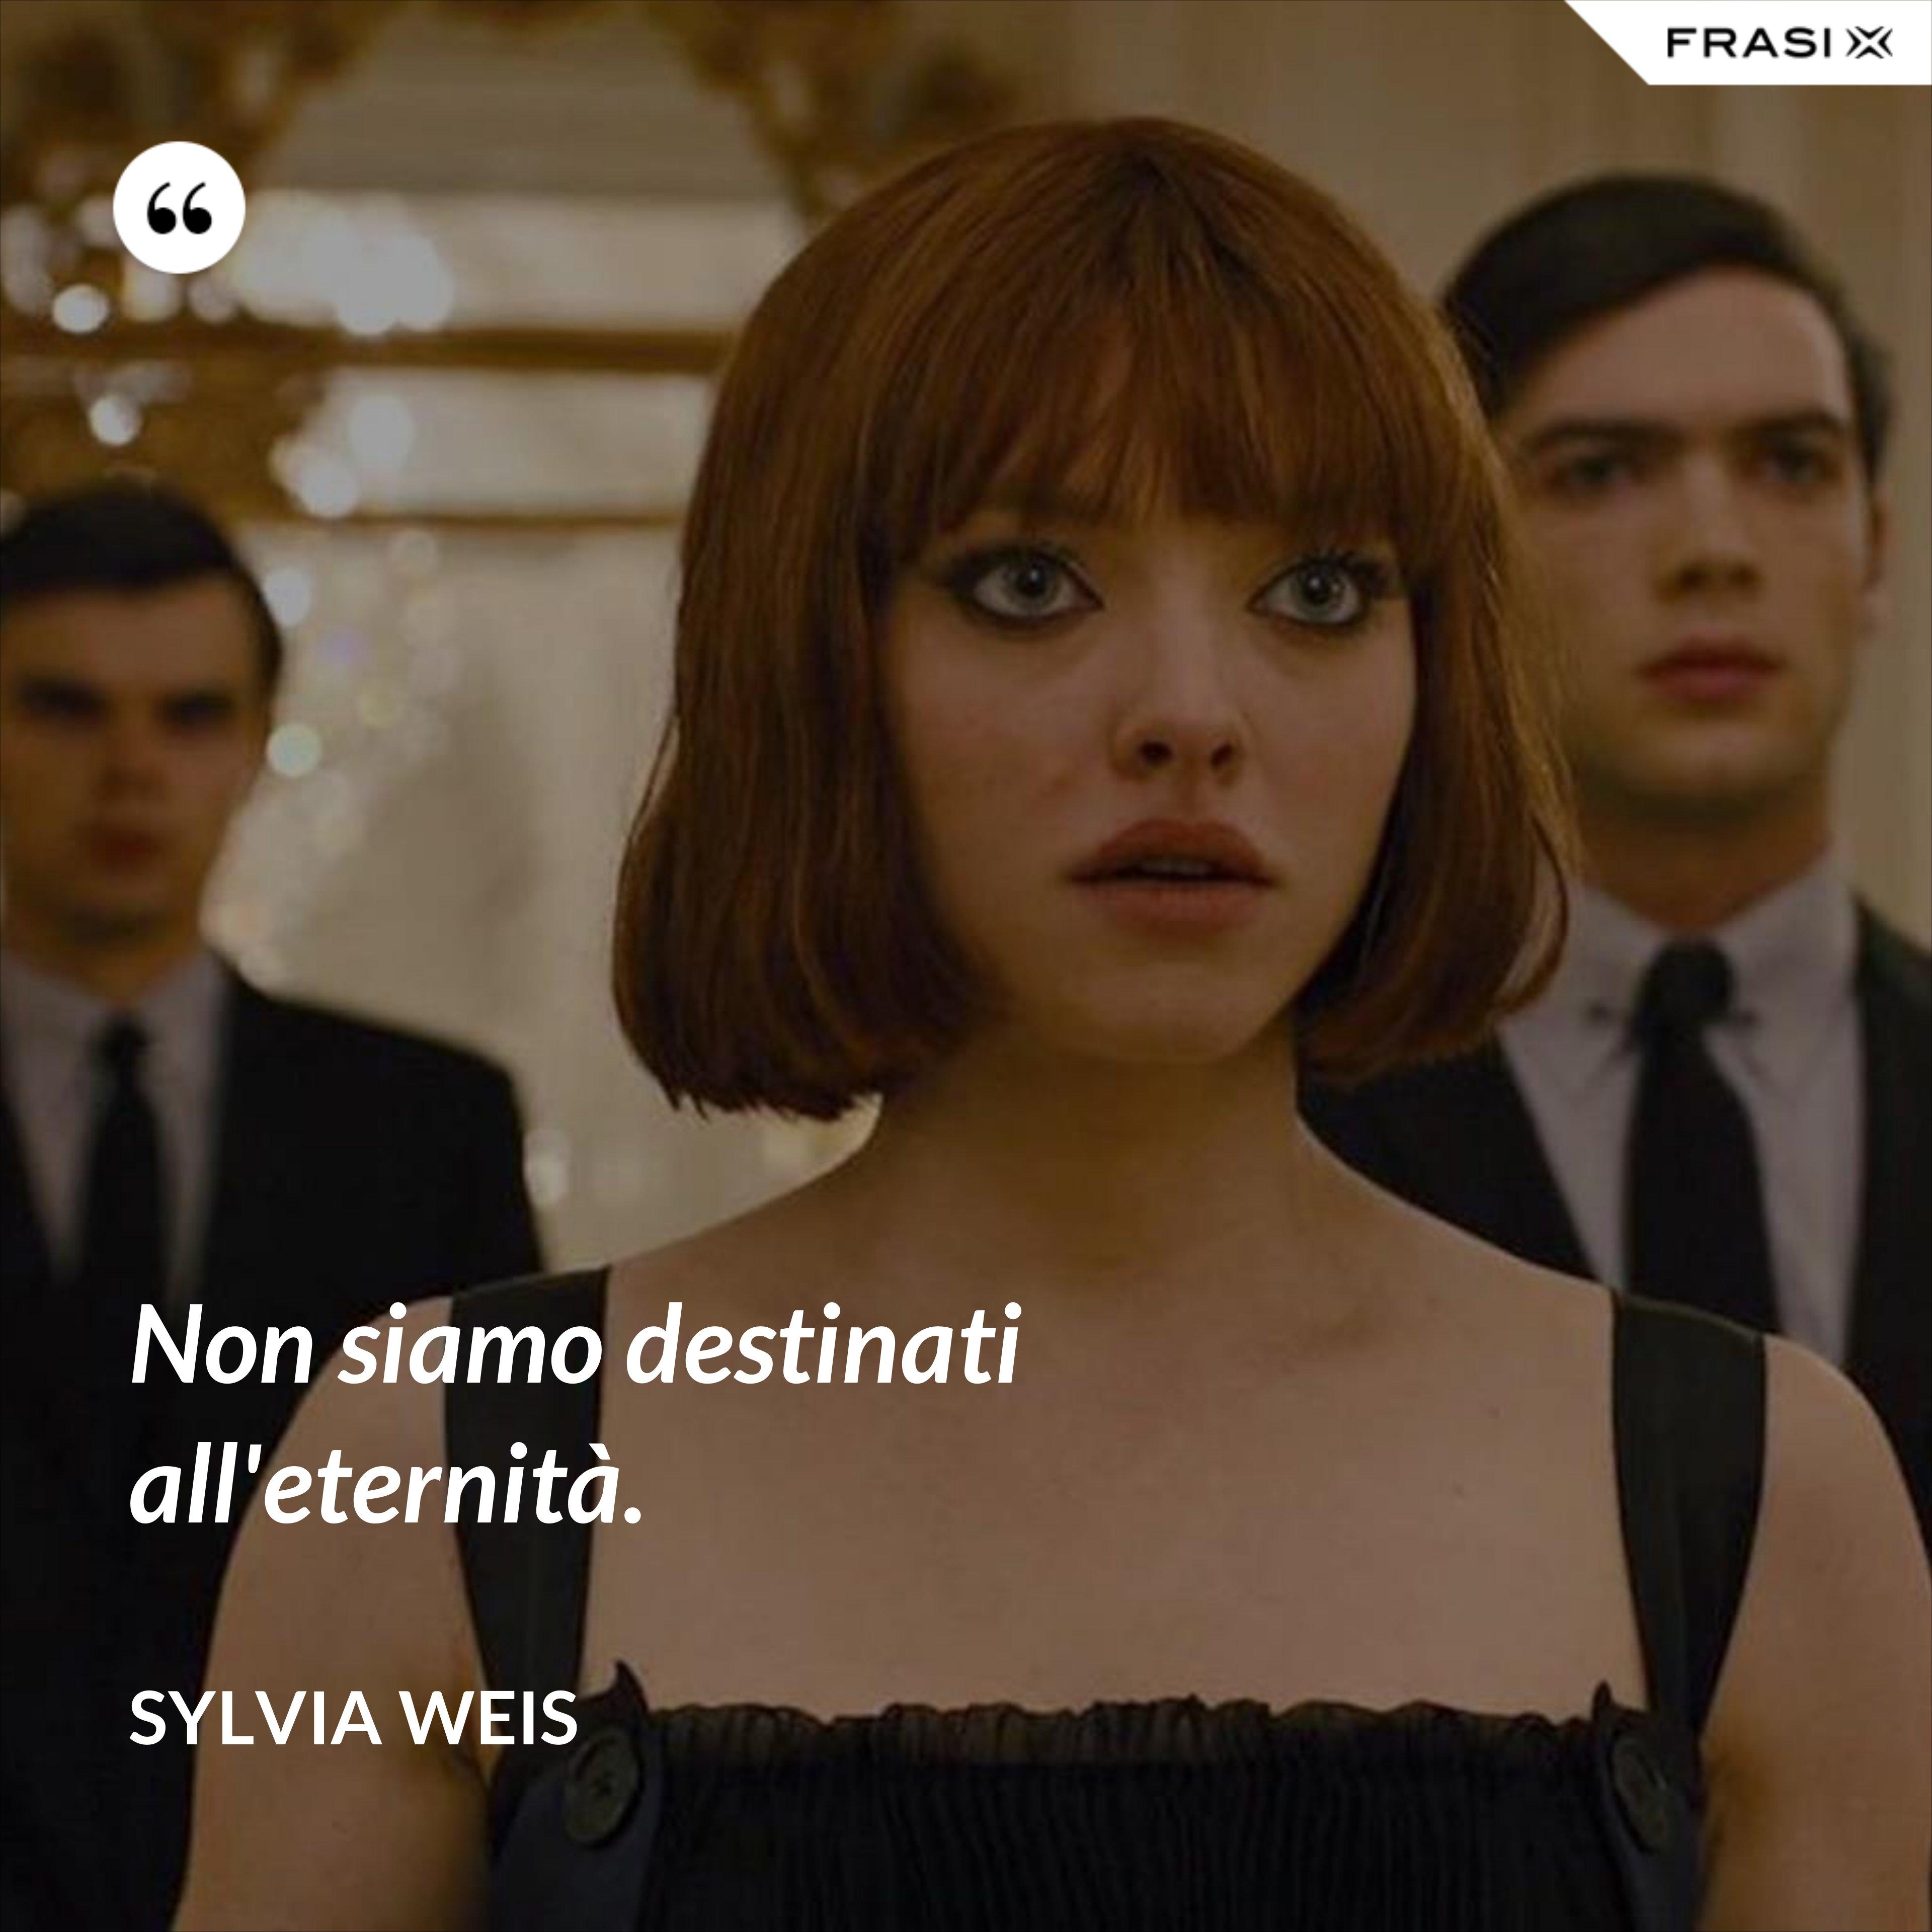 Non siamo destinati all'eternità. - Sylvia Weis